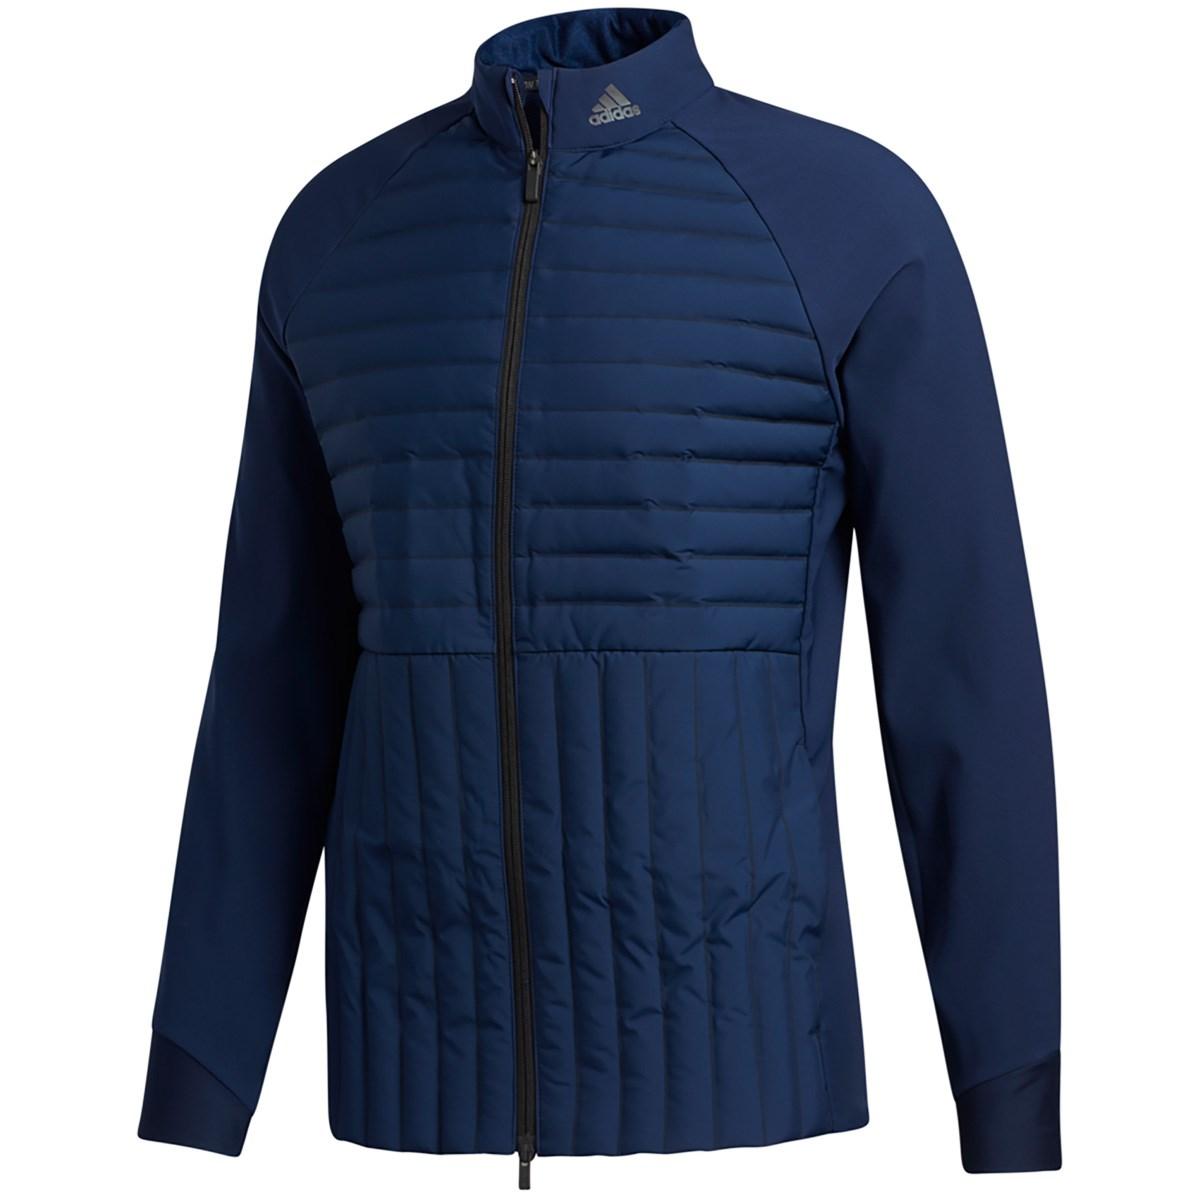 アディダス Adidas FROSTGUARD ストレッチフルジップジャケット J/S カレッジネイビー